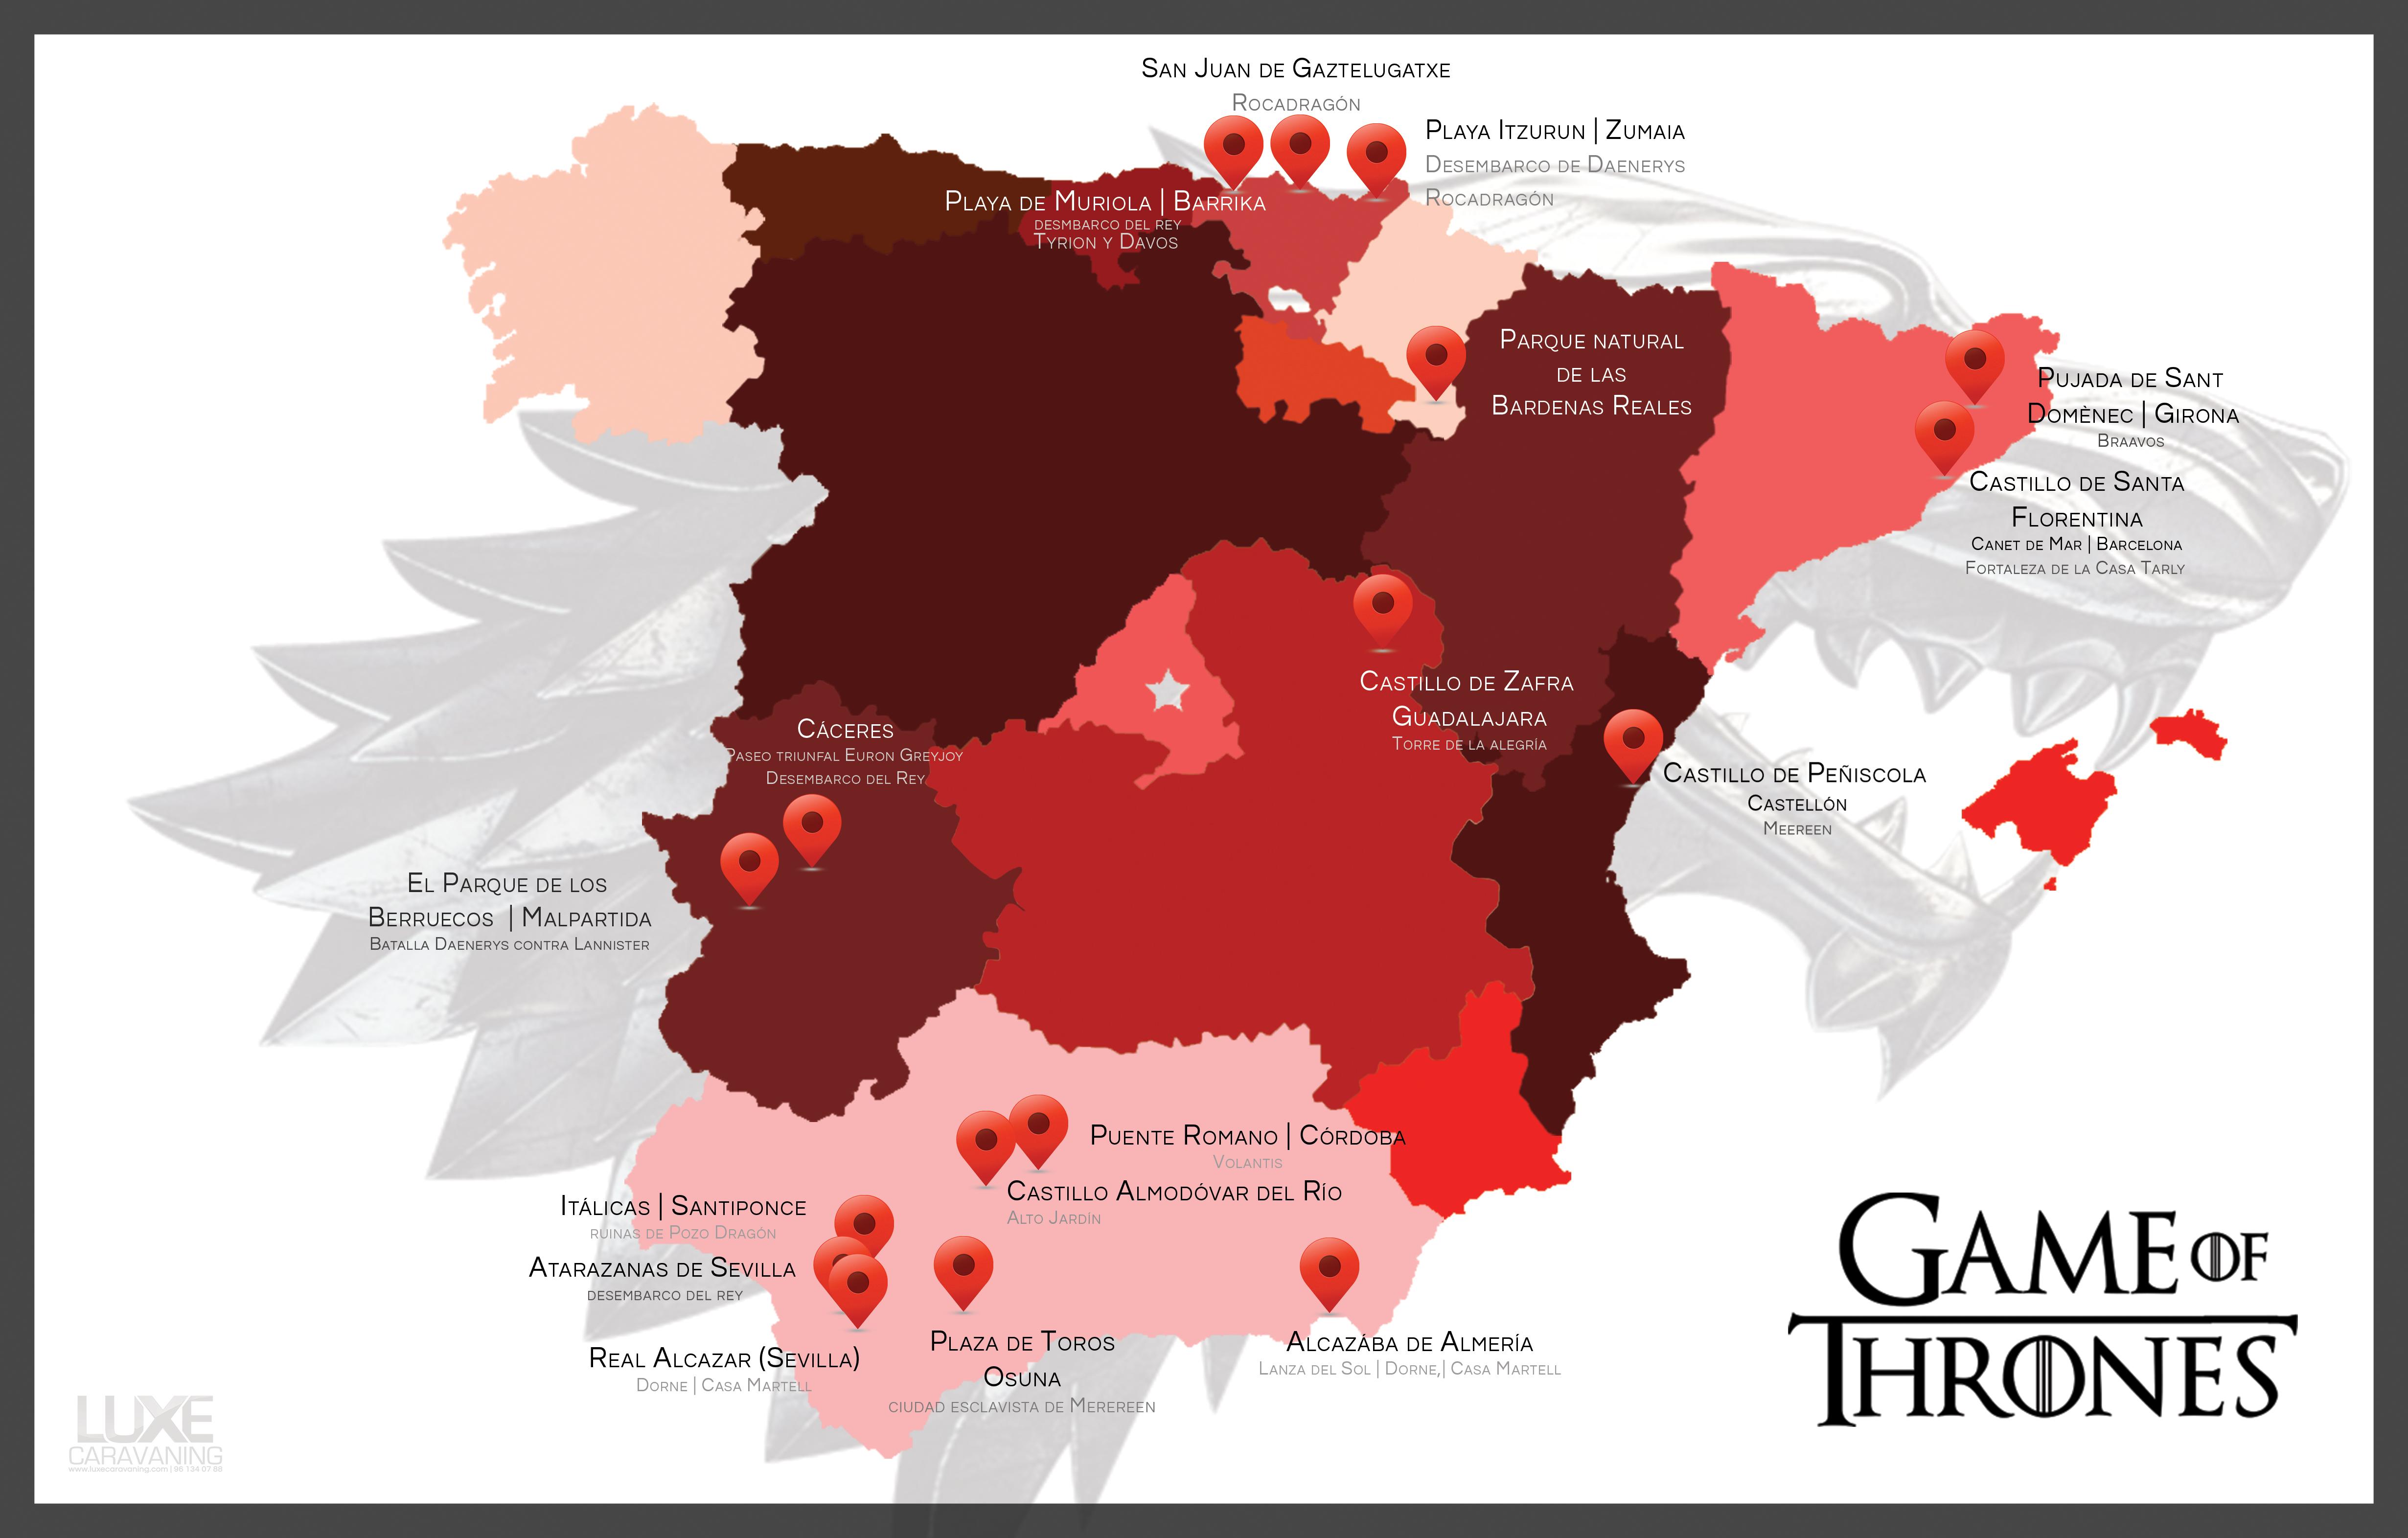 Mapa Juego de Tronos por España